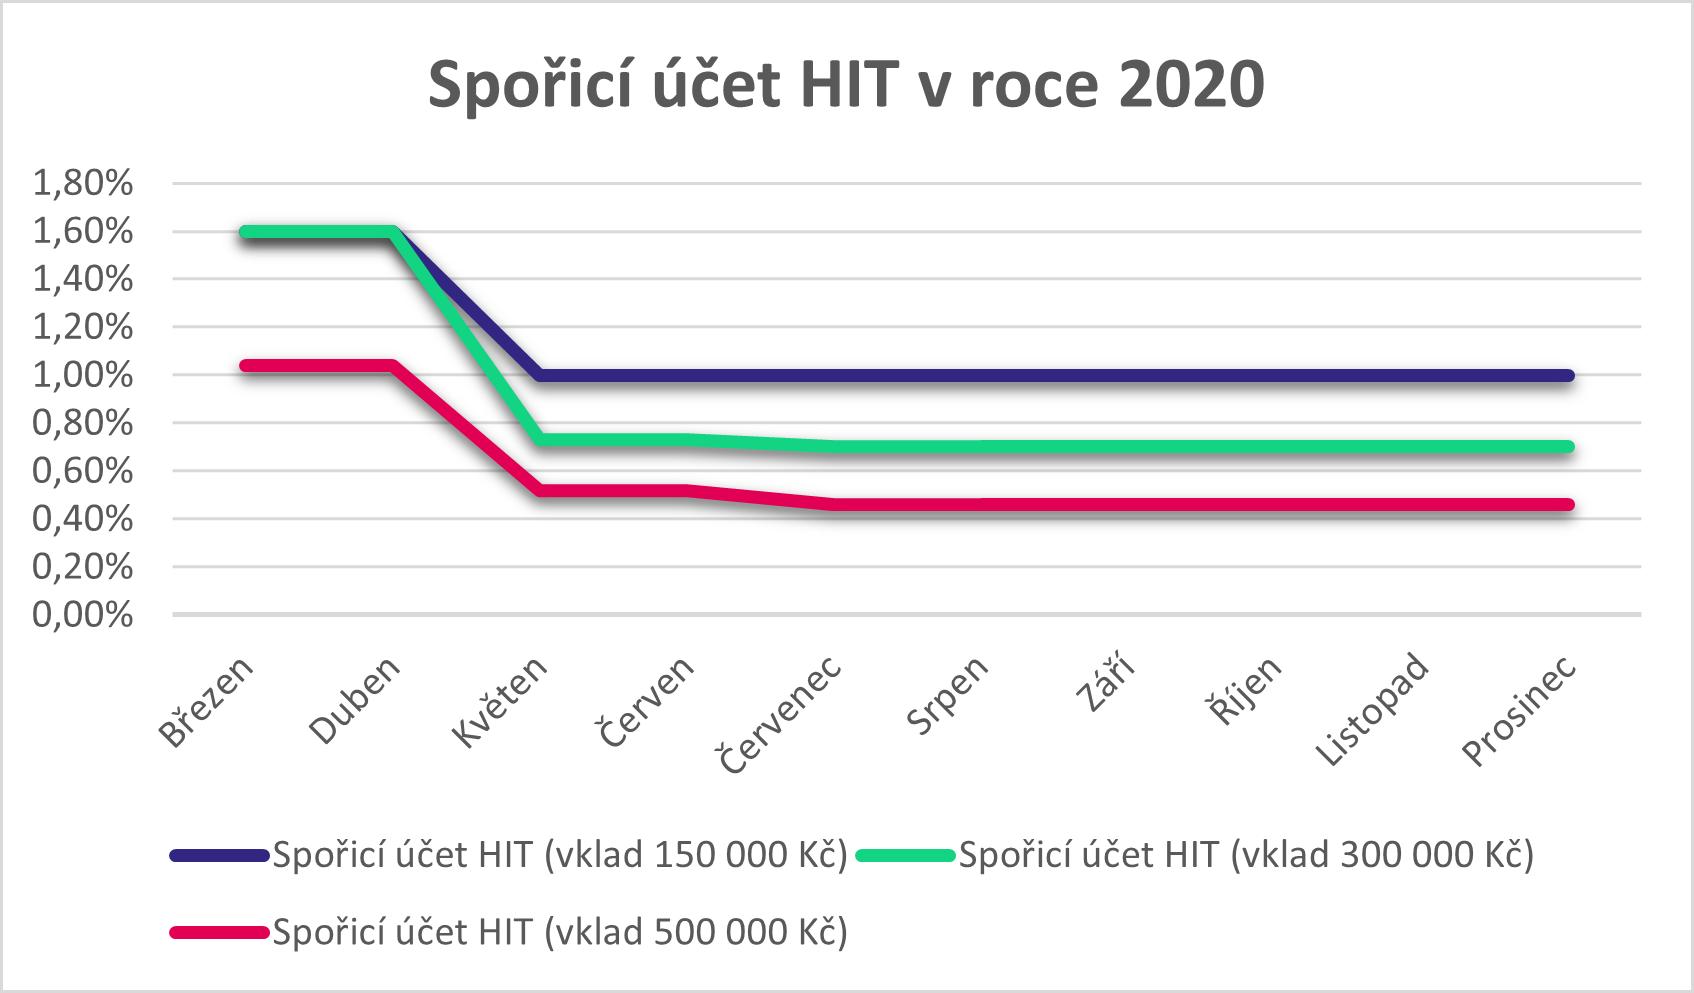 Spořicí účet HIT 2020